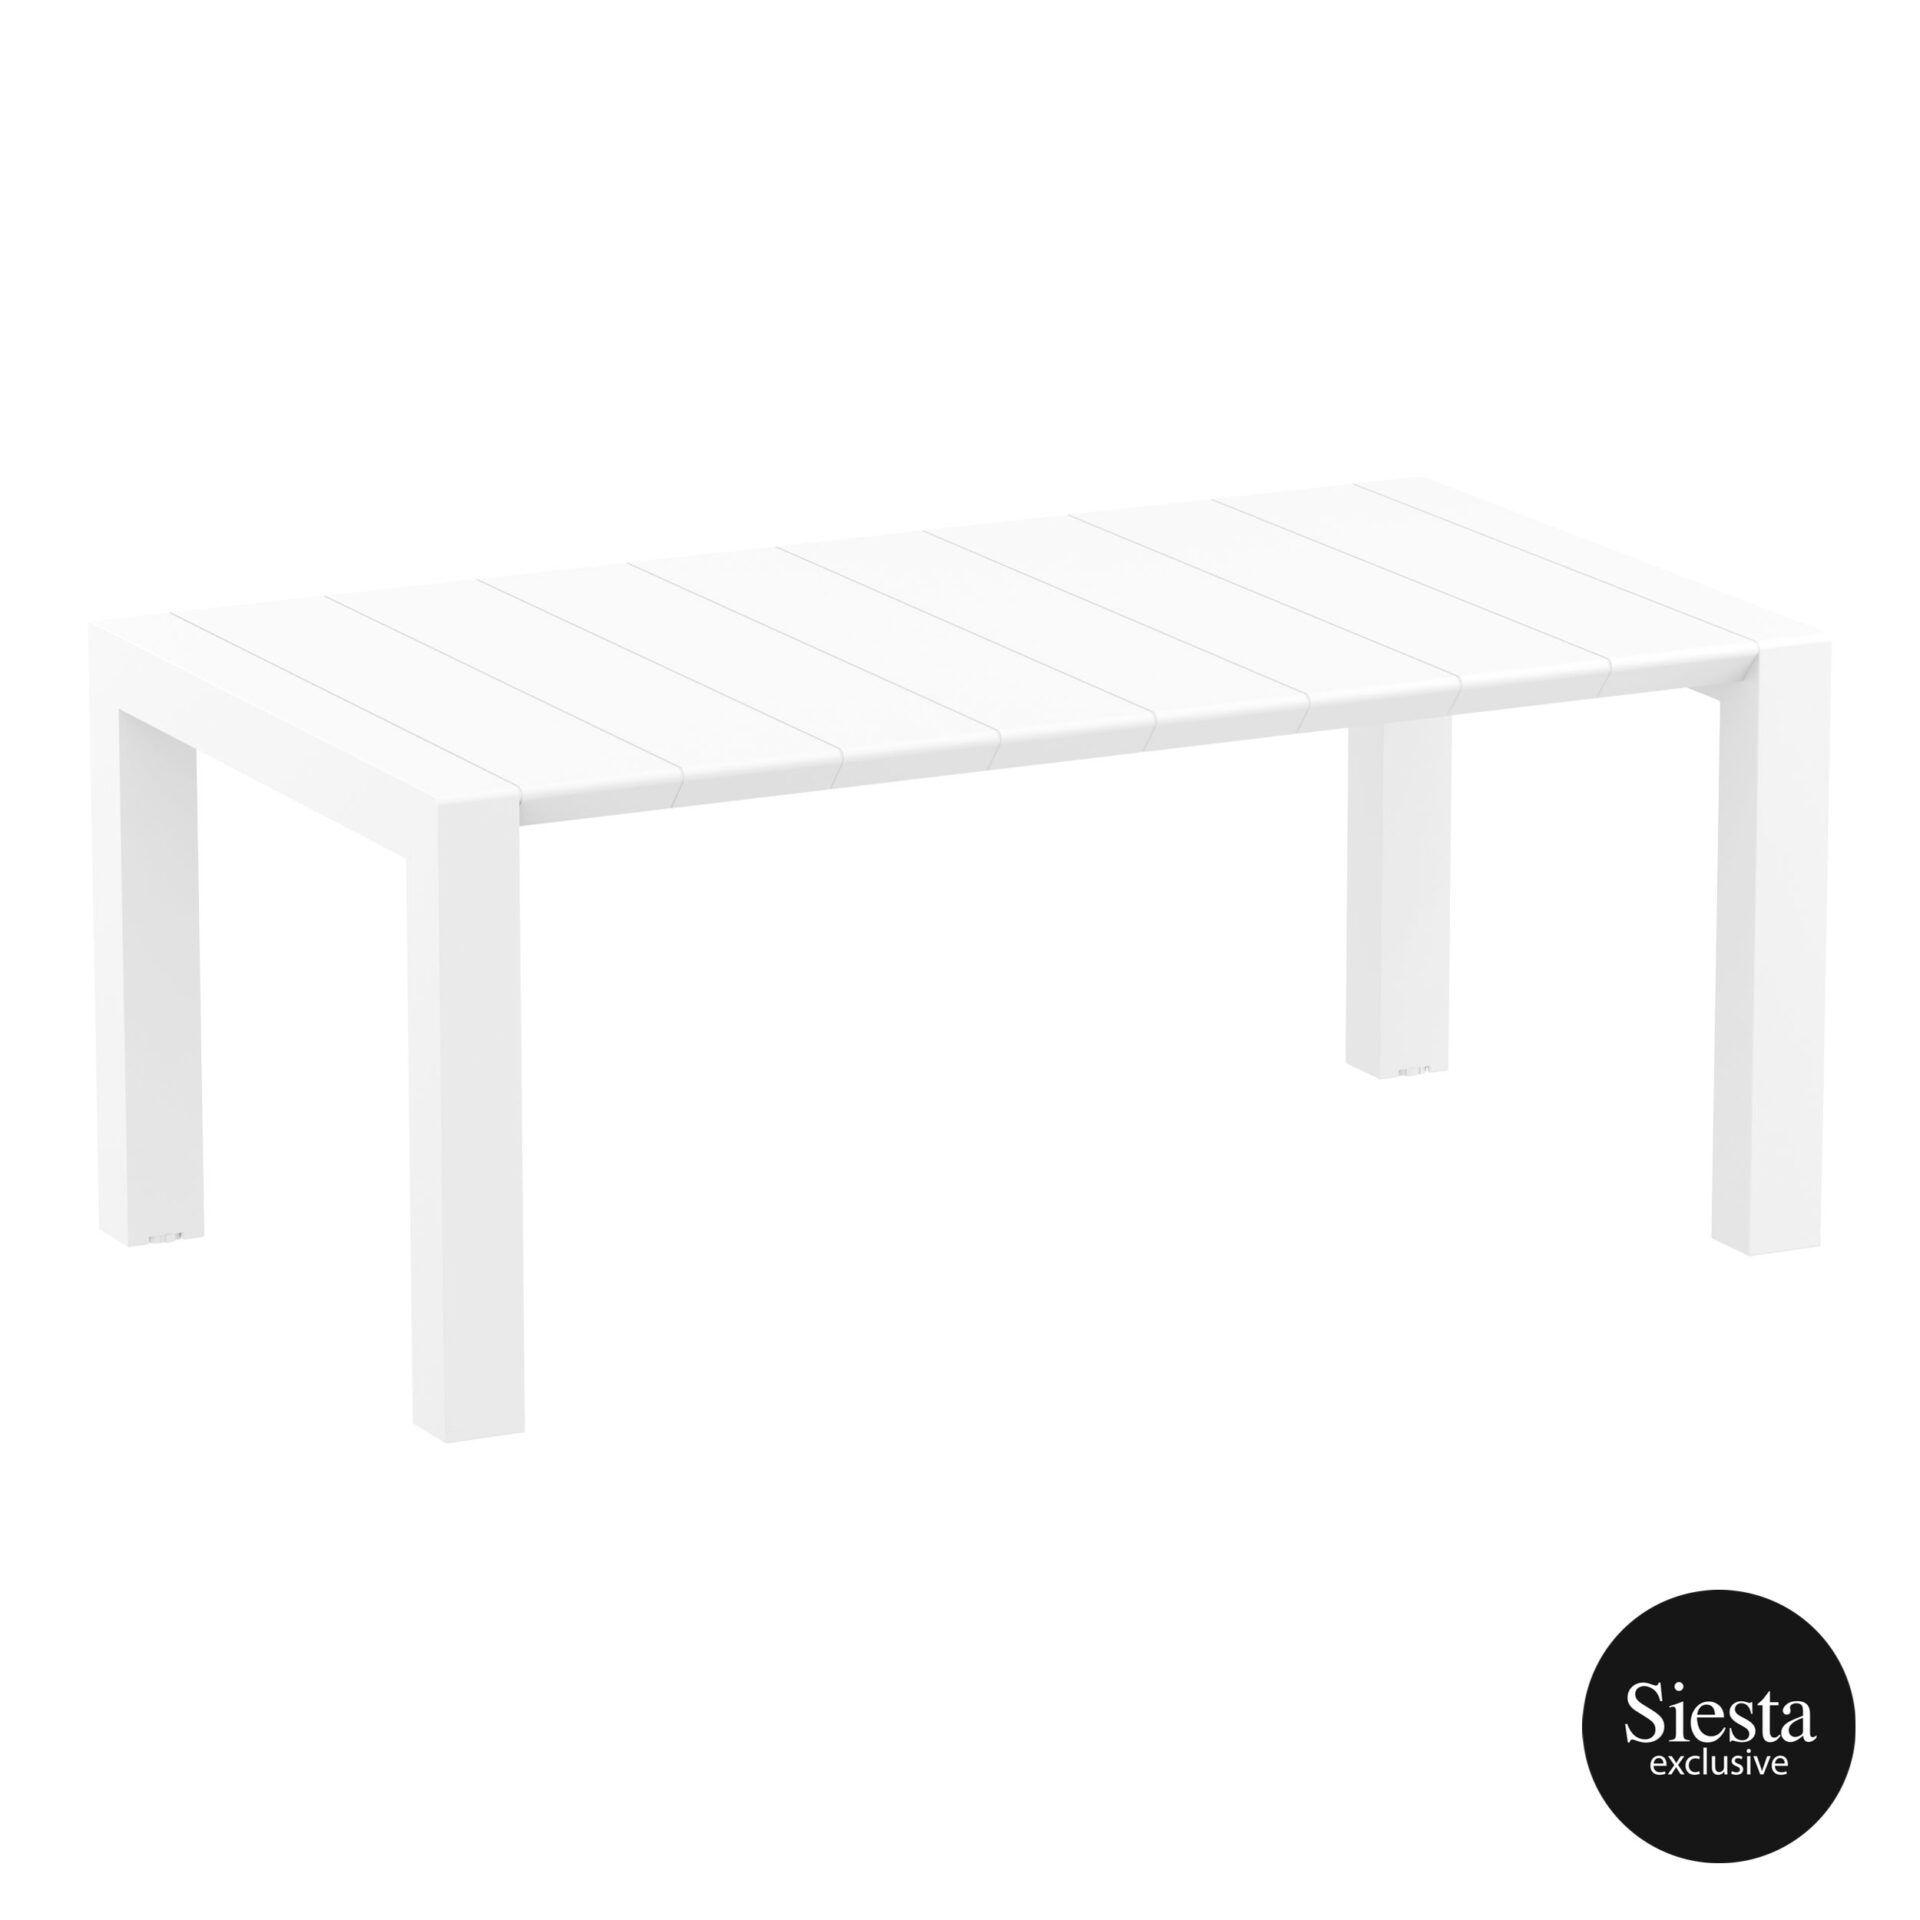 016 vegas medium table 180 white front side